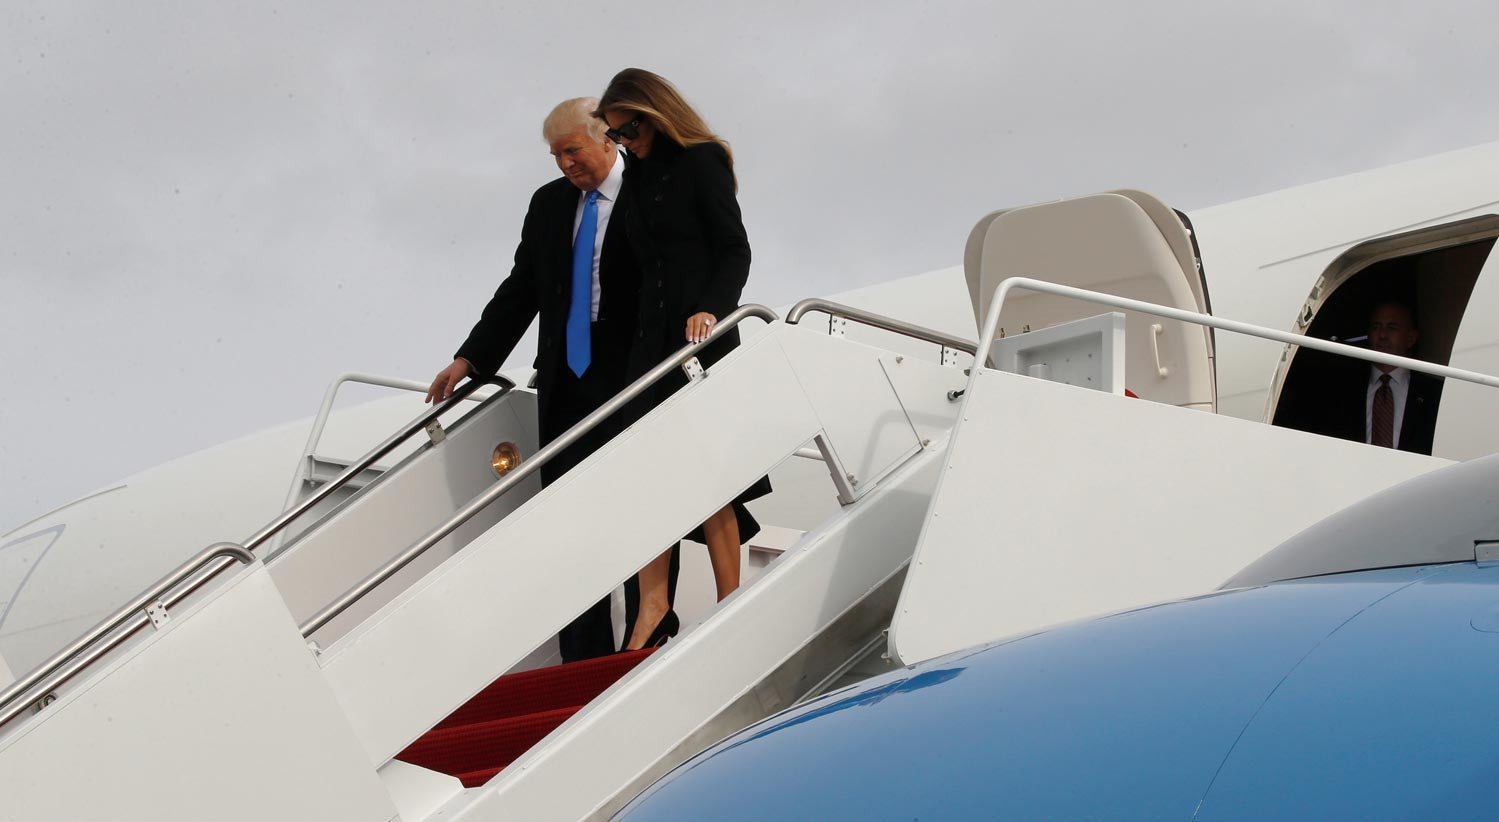 Mundo - Trump e a família já chegaram a Washington